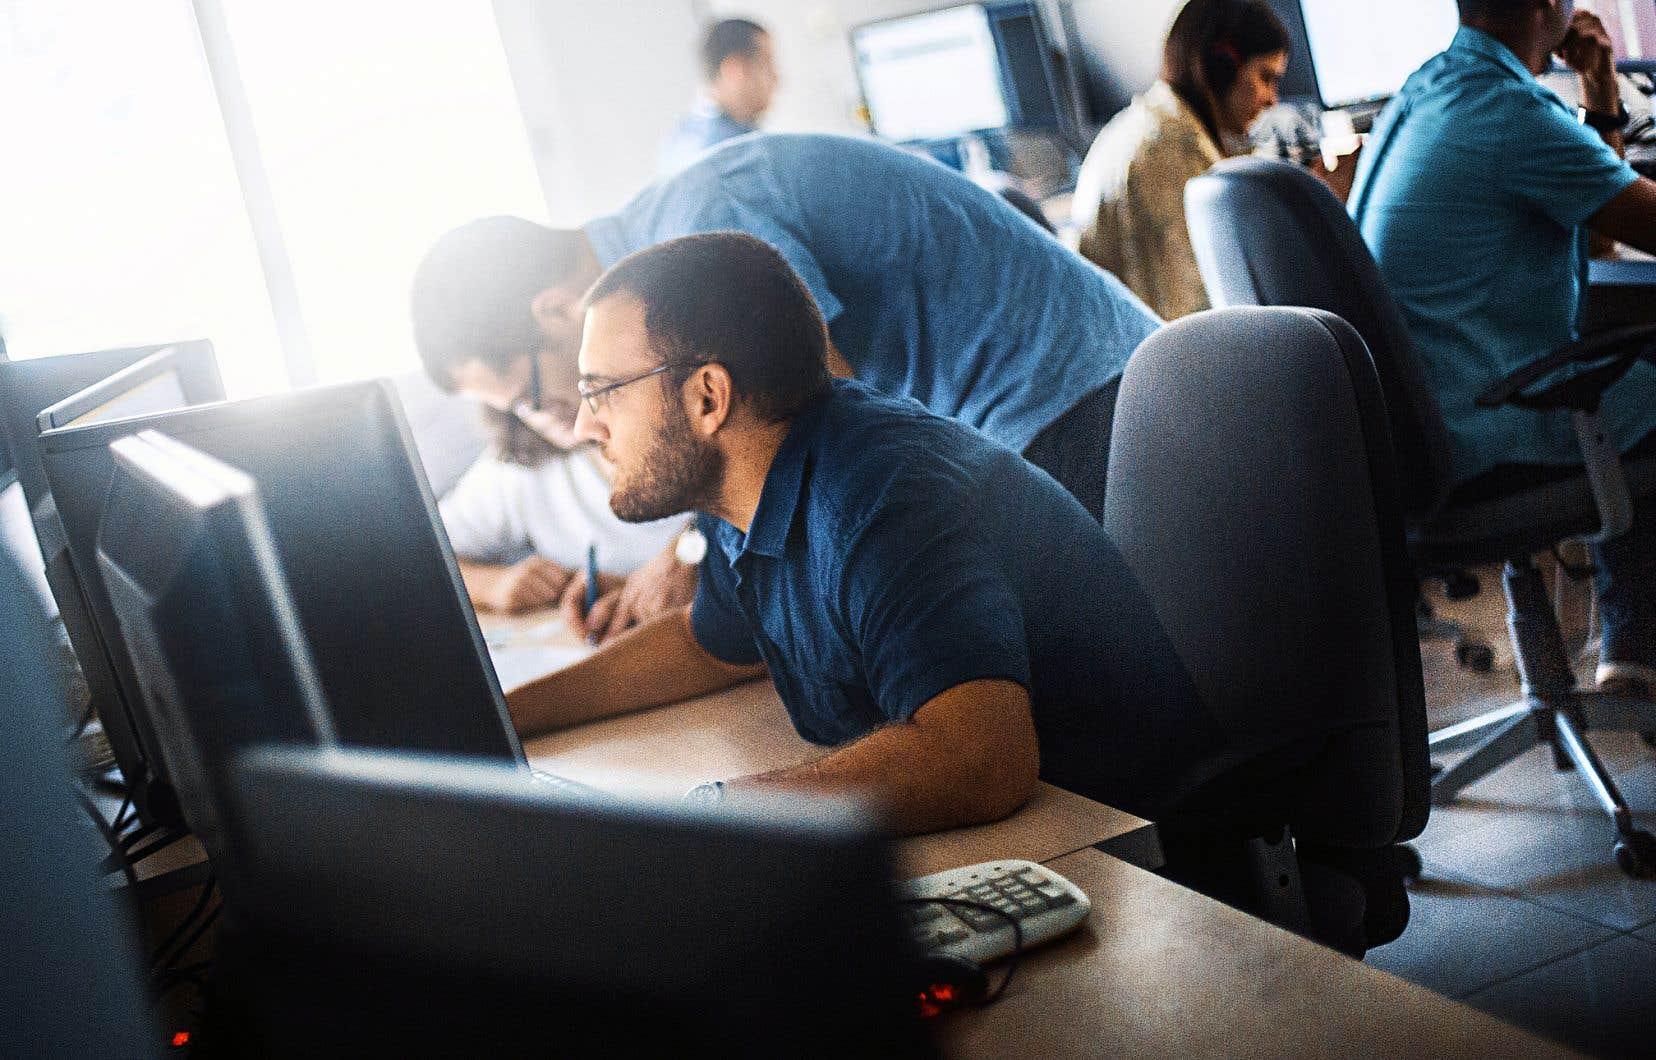 Selon une étude menée par un sociologue de l'Université Laval, les demandeurs d'emplois dont le nom évoque des origines ethniques arabe, africaine ou latino-américaine ont moins de chance de décrocher un travail au Québec.